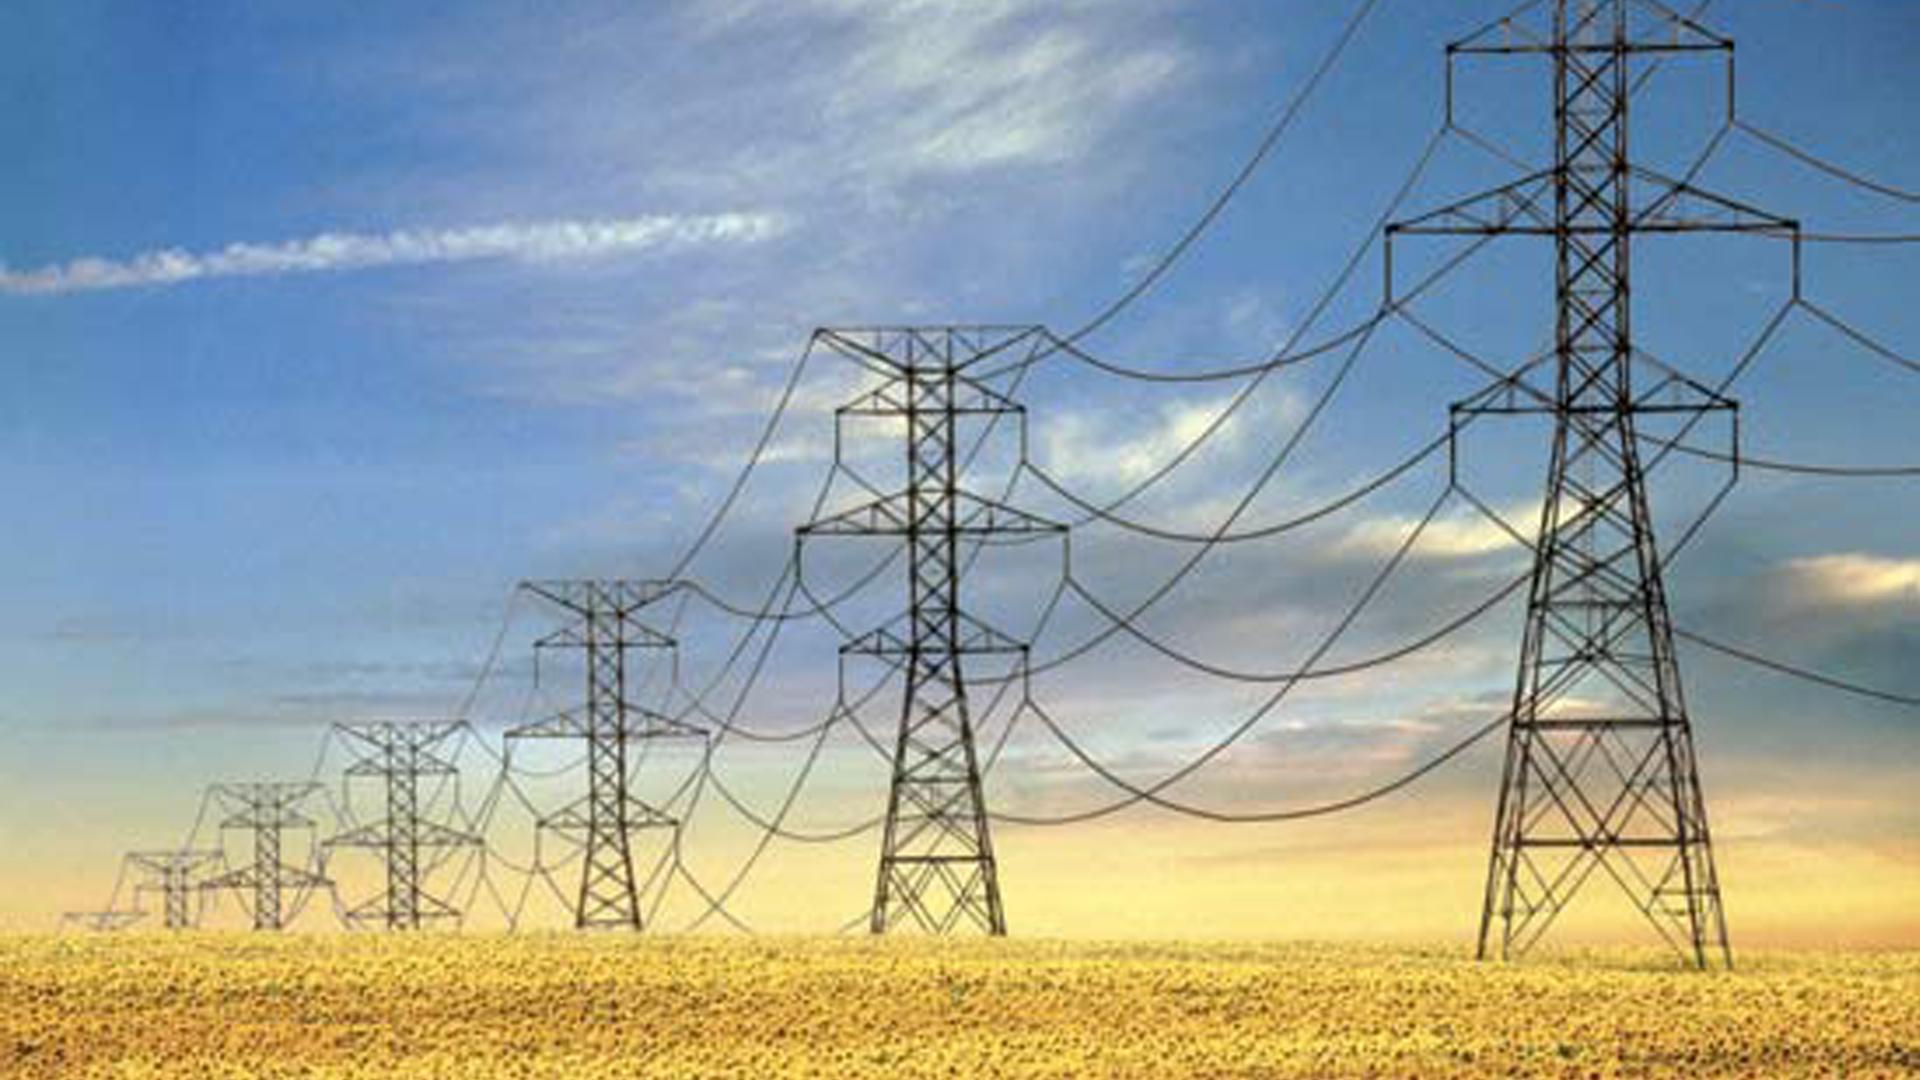 Монополизм и диспропорции, – эксперт о проблемах украинской энергетики